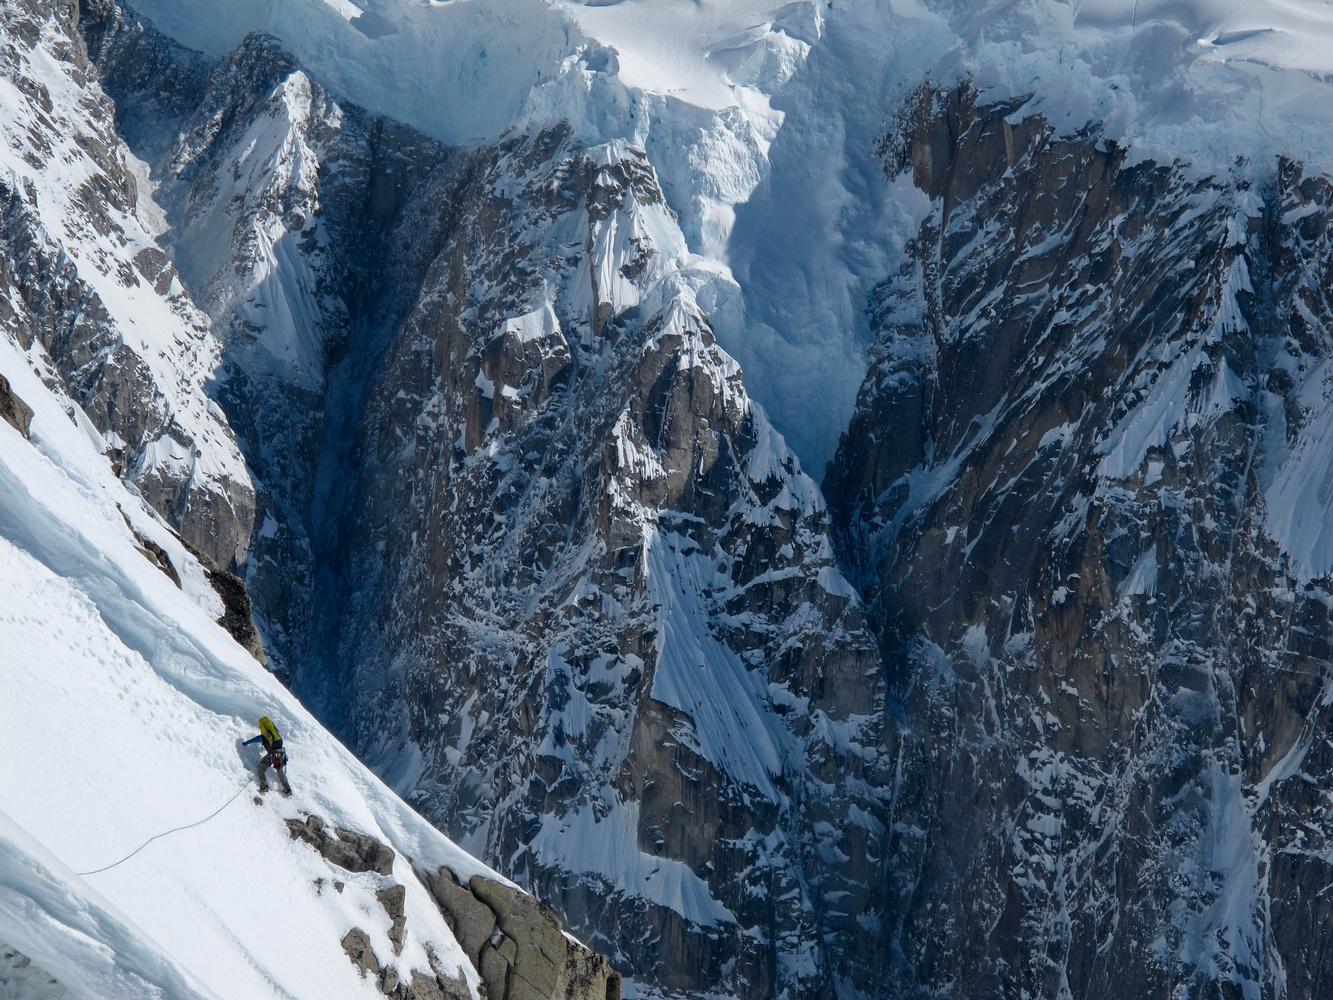 Big Mountain, Little Climber by clint helander